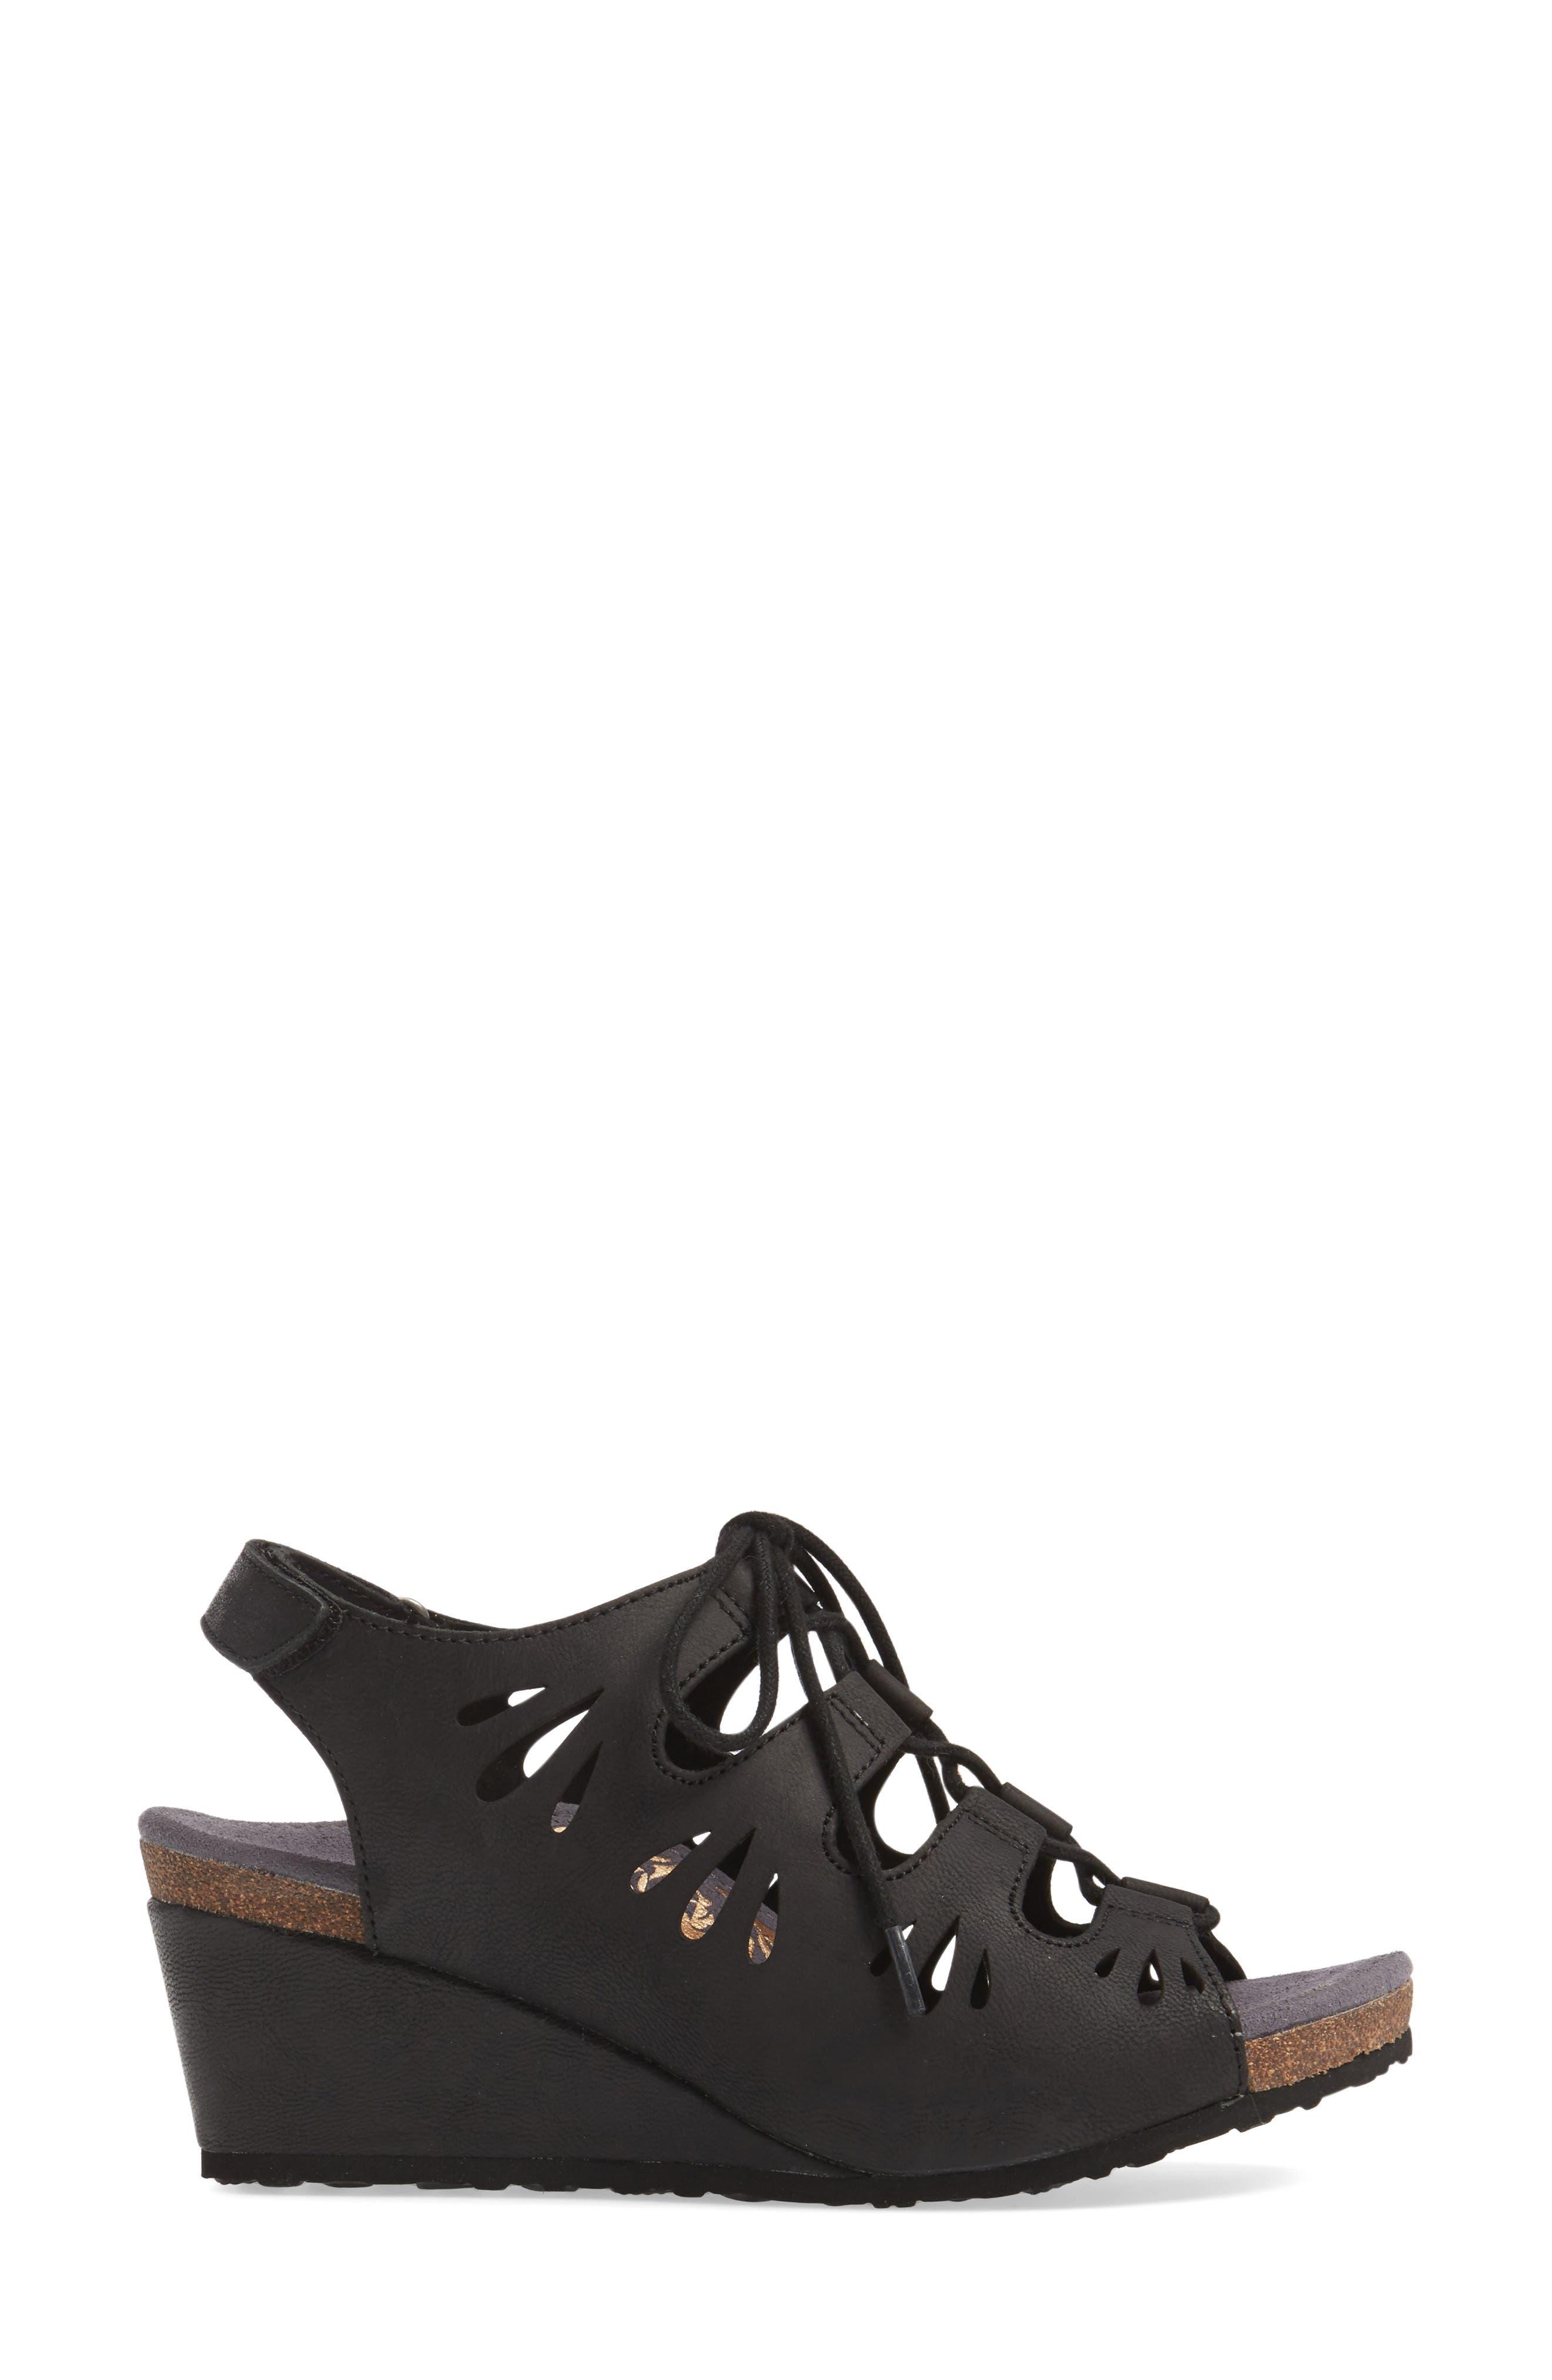 Giselle Slingback Wedge Sandal,                             Alternate thumbnail 3, color,                             001